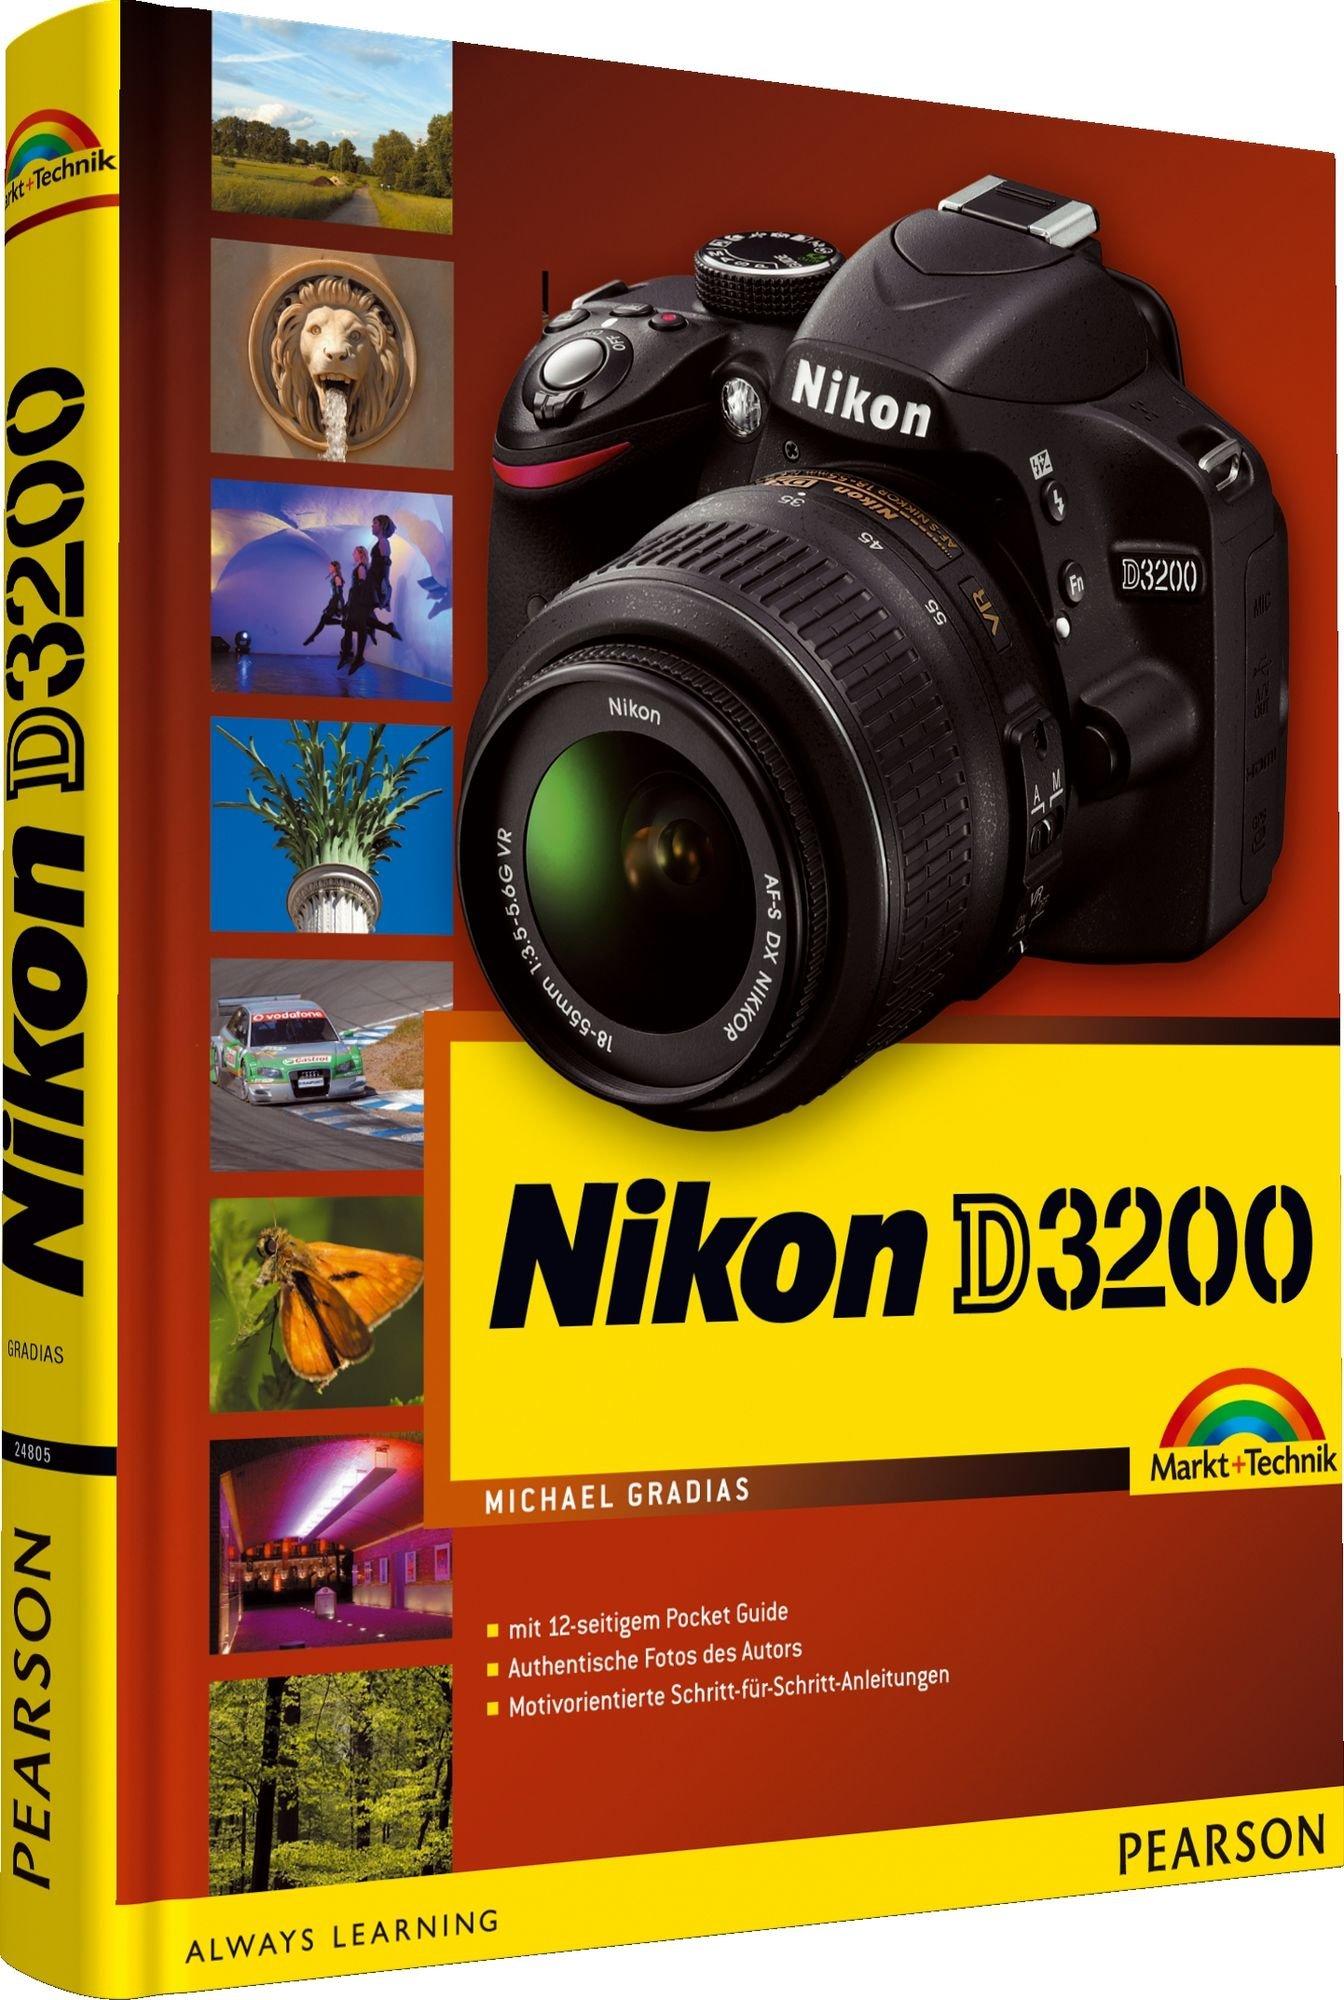 Nikon D3200: mit 12-seitigem Pocket Guide für unterwegs: Amazon.es ...